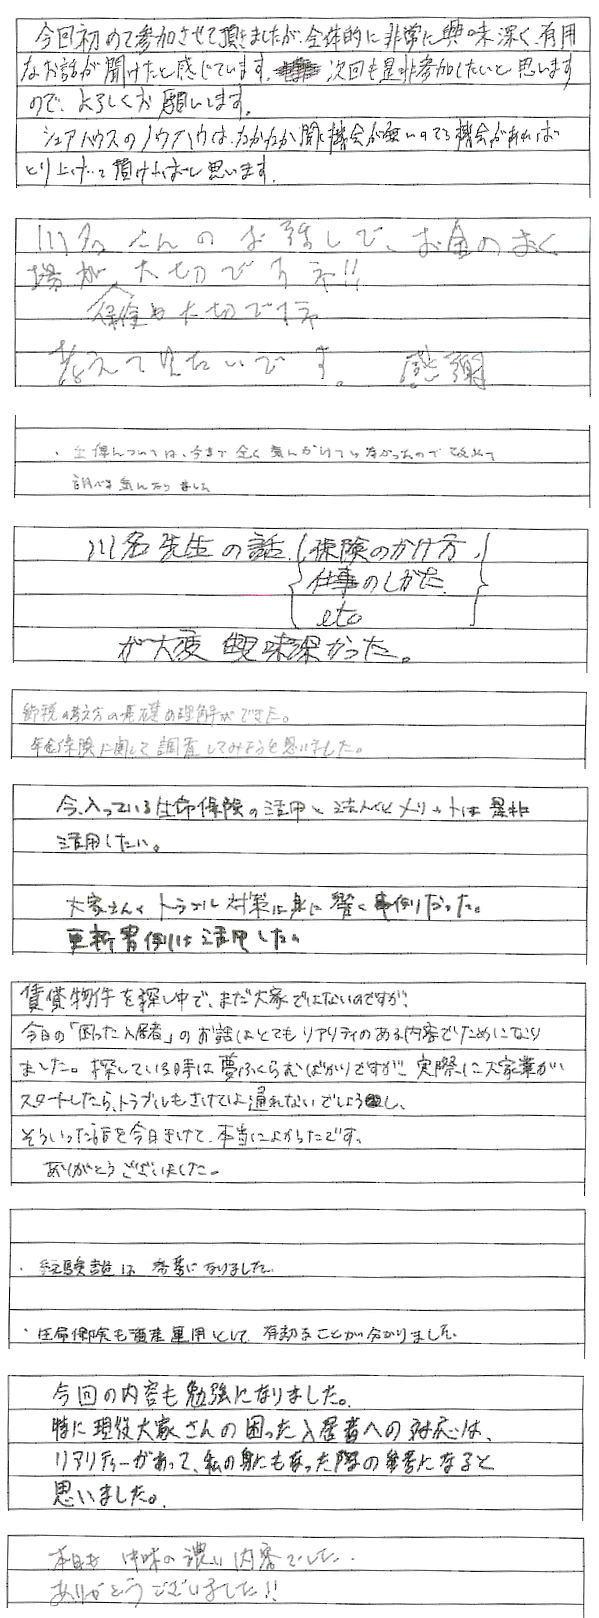 kanso_2013_08_03_1.jpg